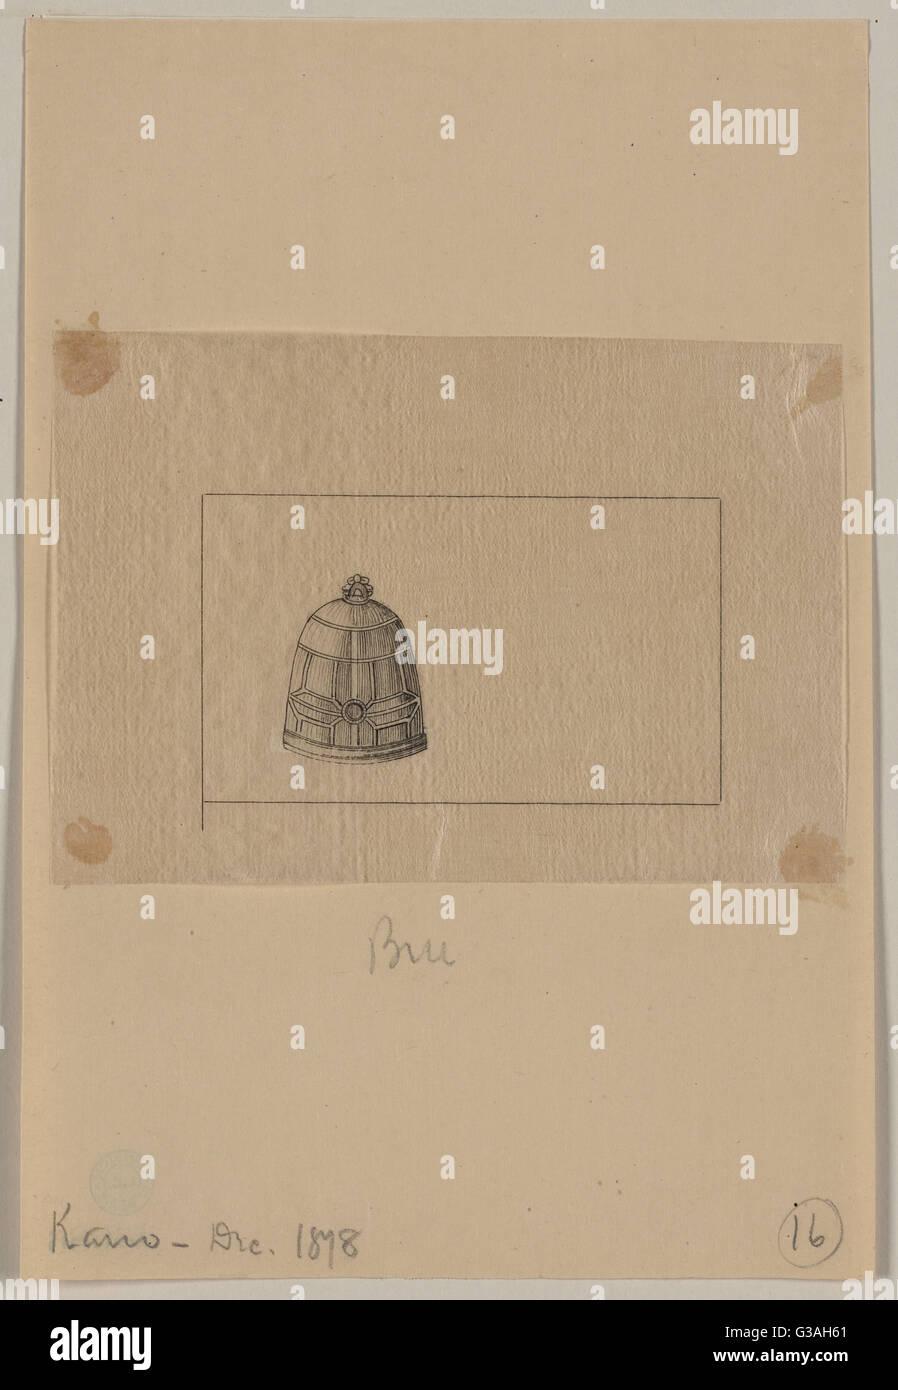 Beehive sagomato di lamiera oggetto. Data 1878 Dic. Immagini Stock